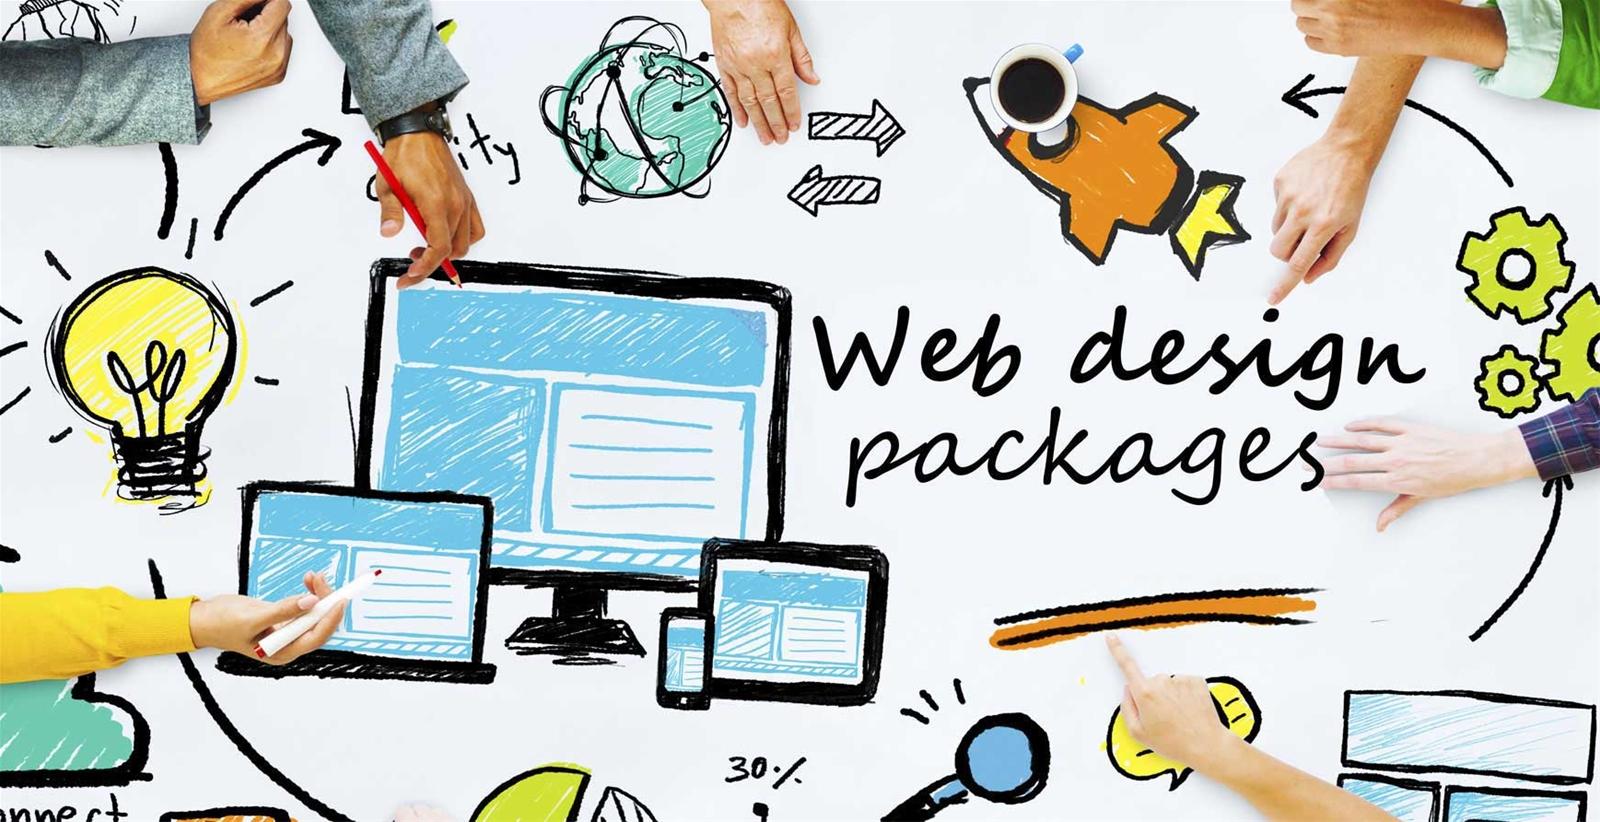 thiết kế website để làm marketing